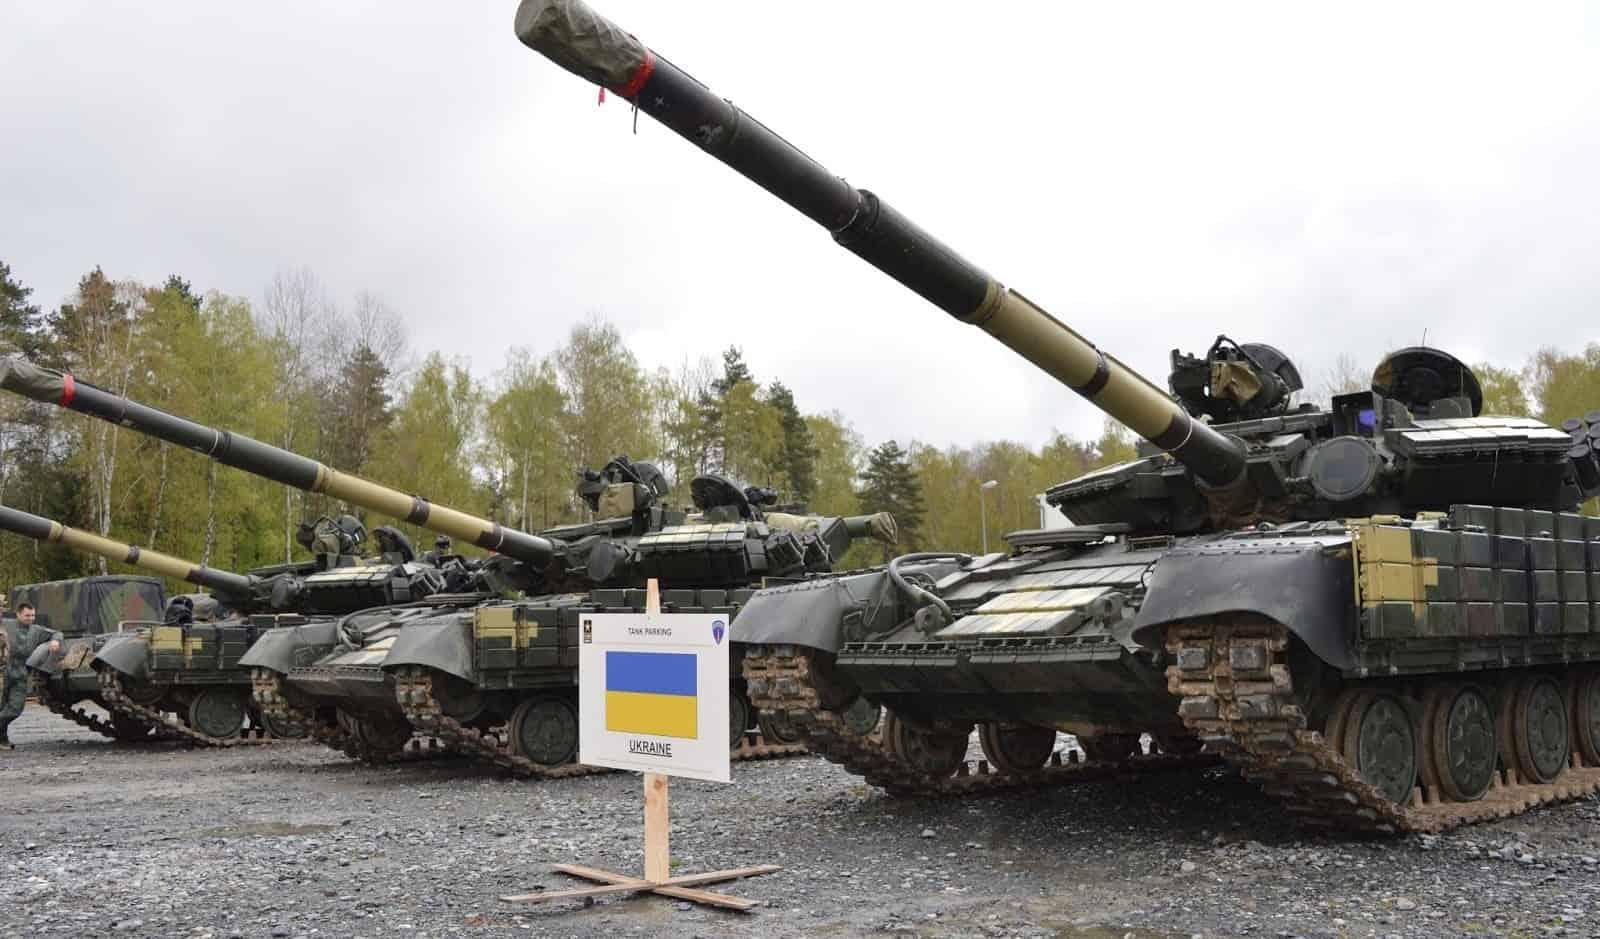 Українські танки Т-64БВ у Німеччині для змагань на Strong Europe Tank Challenge 2017